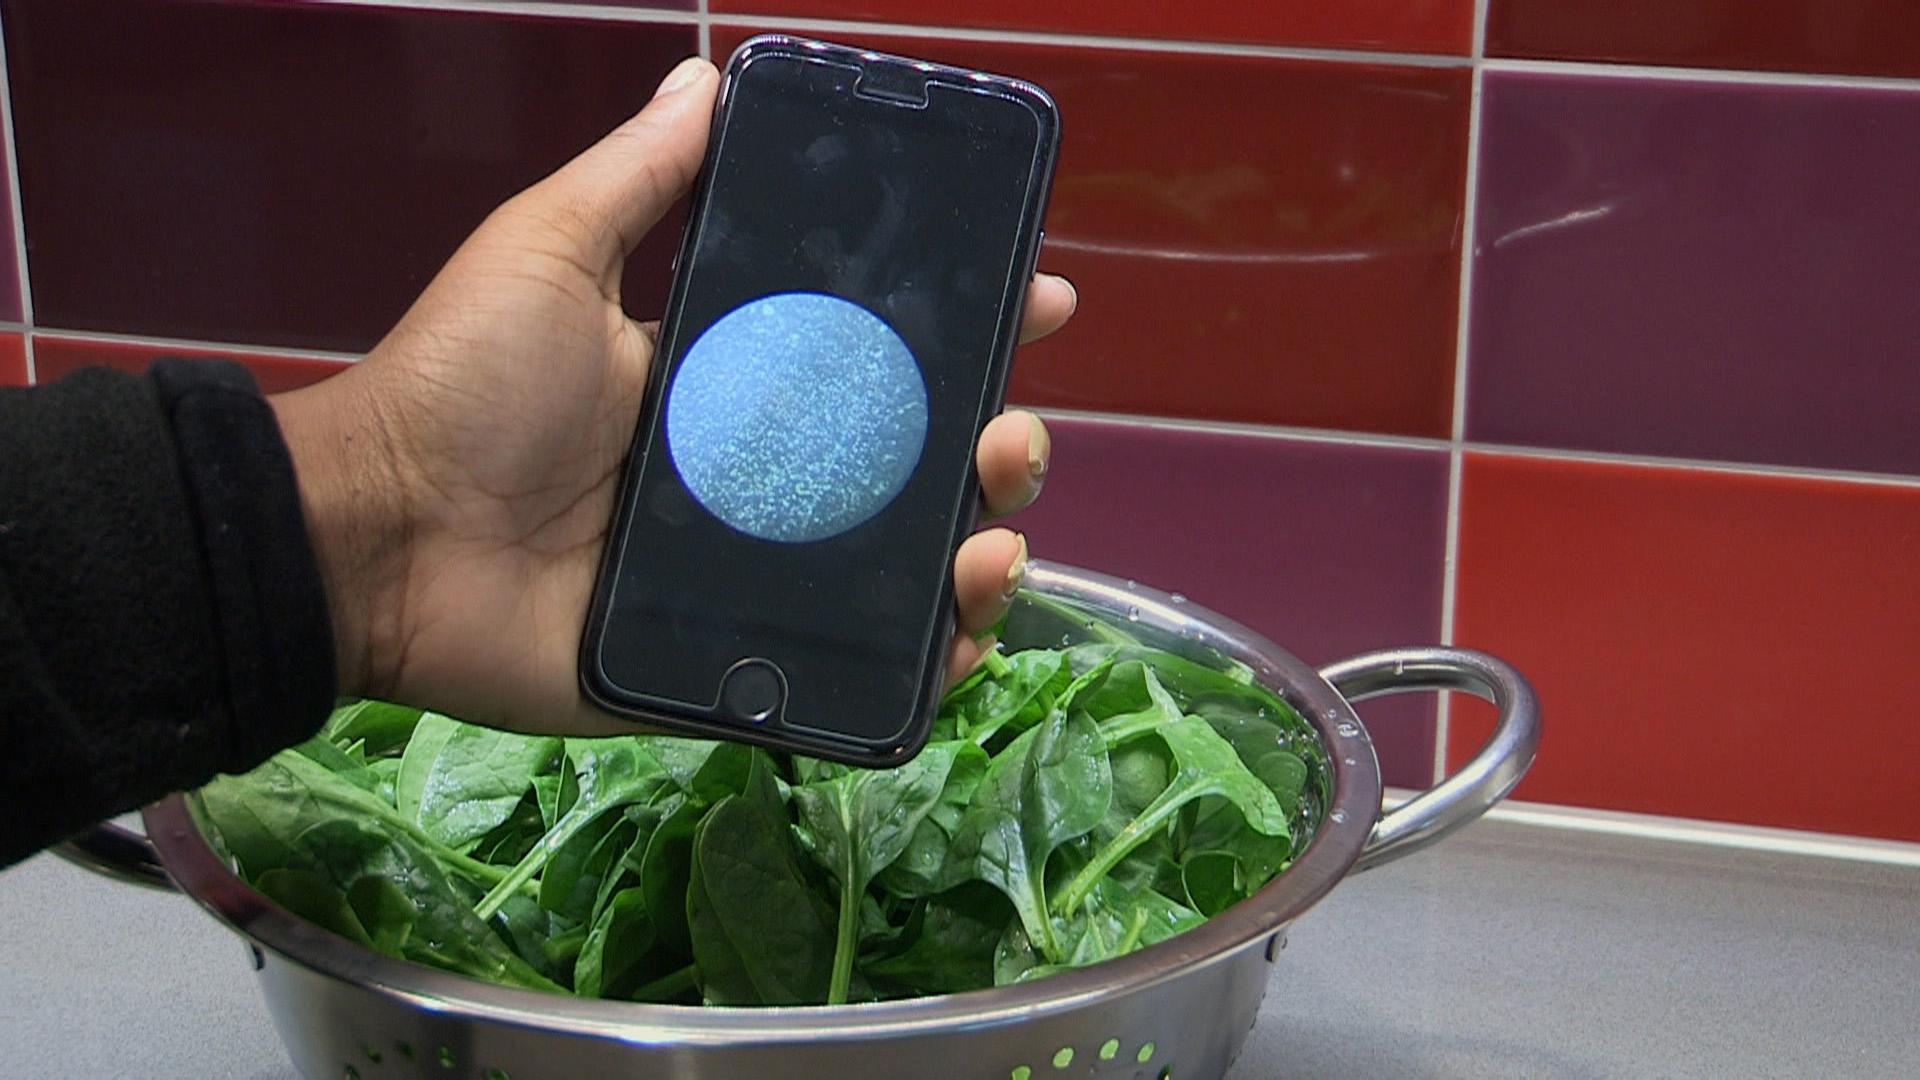 Учёные создают дешёвое устройство для определения бактерий в еде